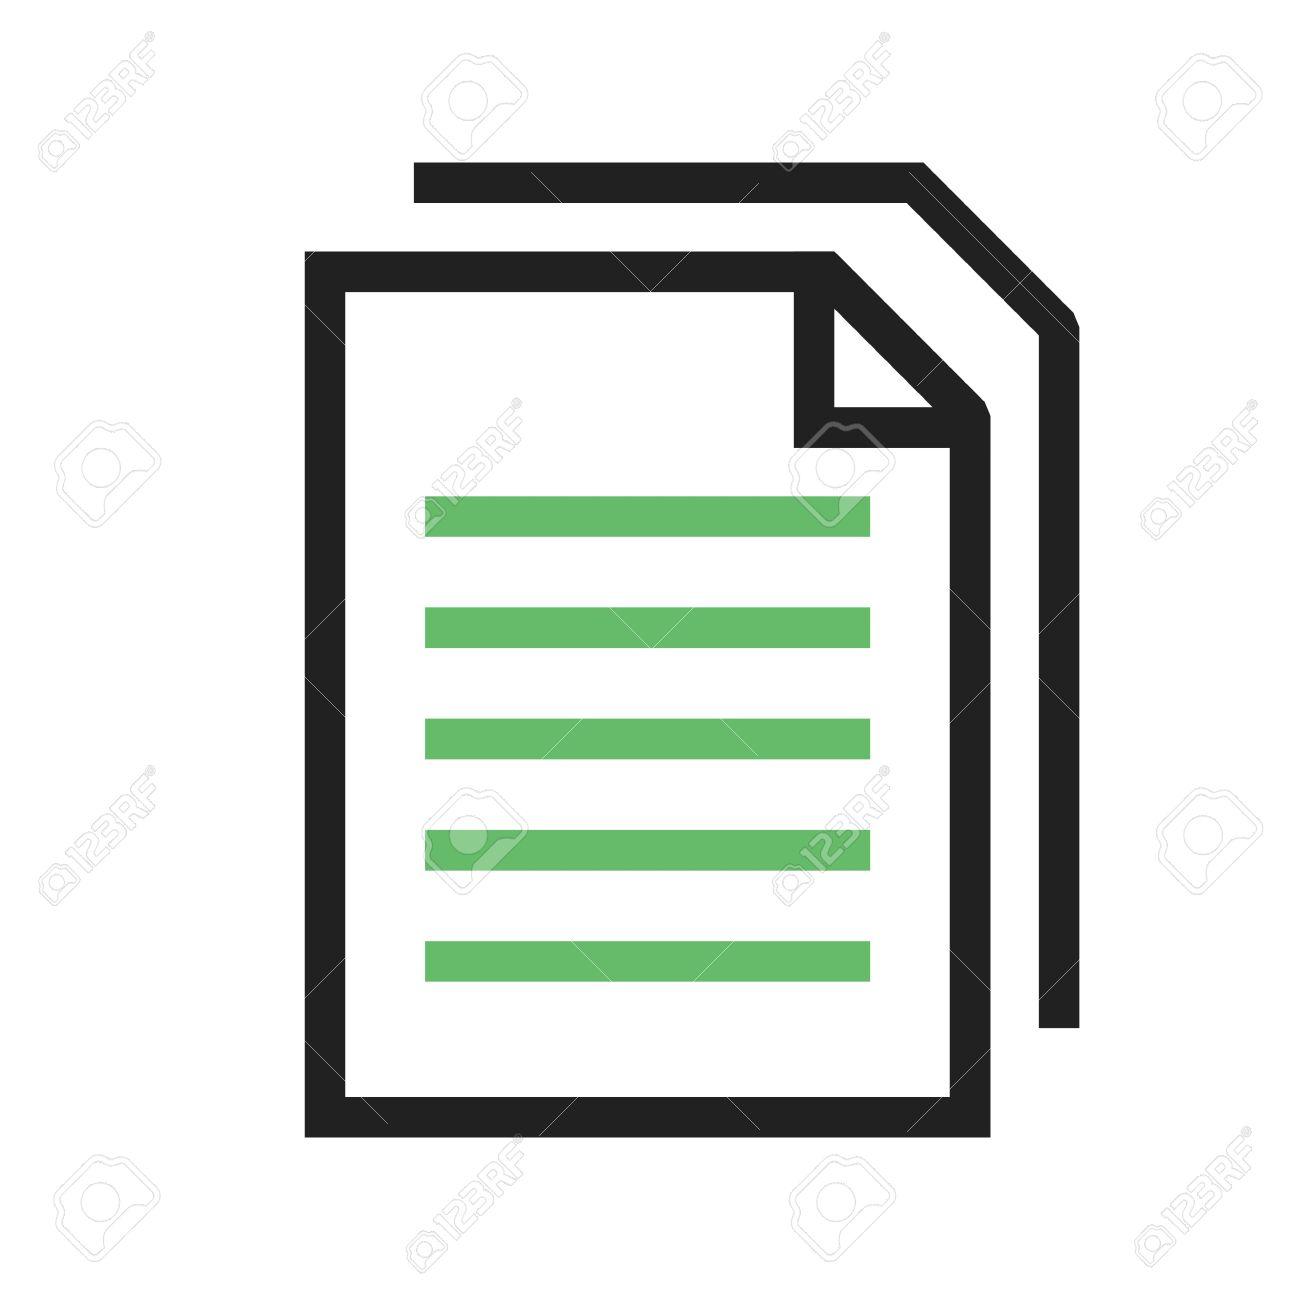 Controle Geral de Líderes 48622851-Legal-documento-oficina-icono-vector-tambi-n-image-Can-ser-utilizado-para-la-oficina-Adecuado-para-a-Foto-de-archivo